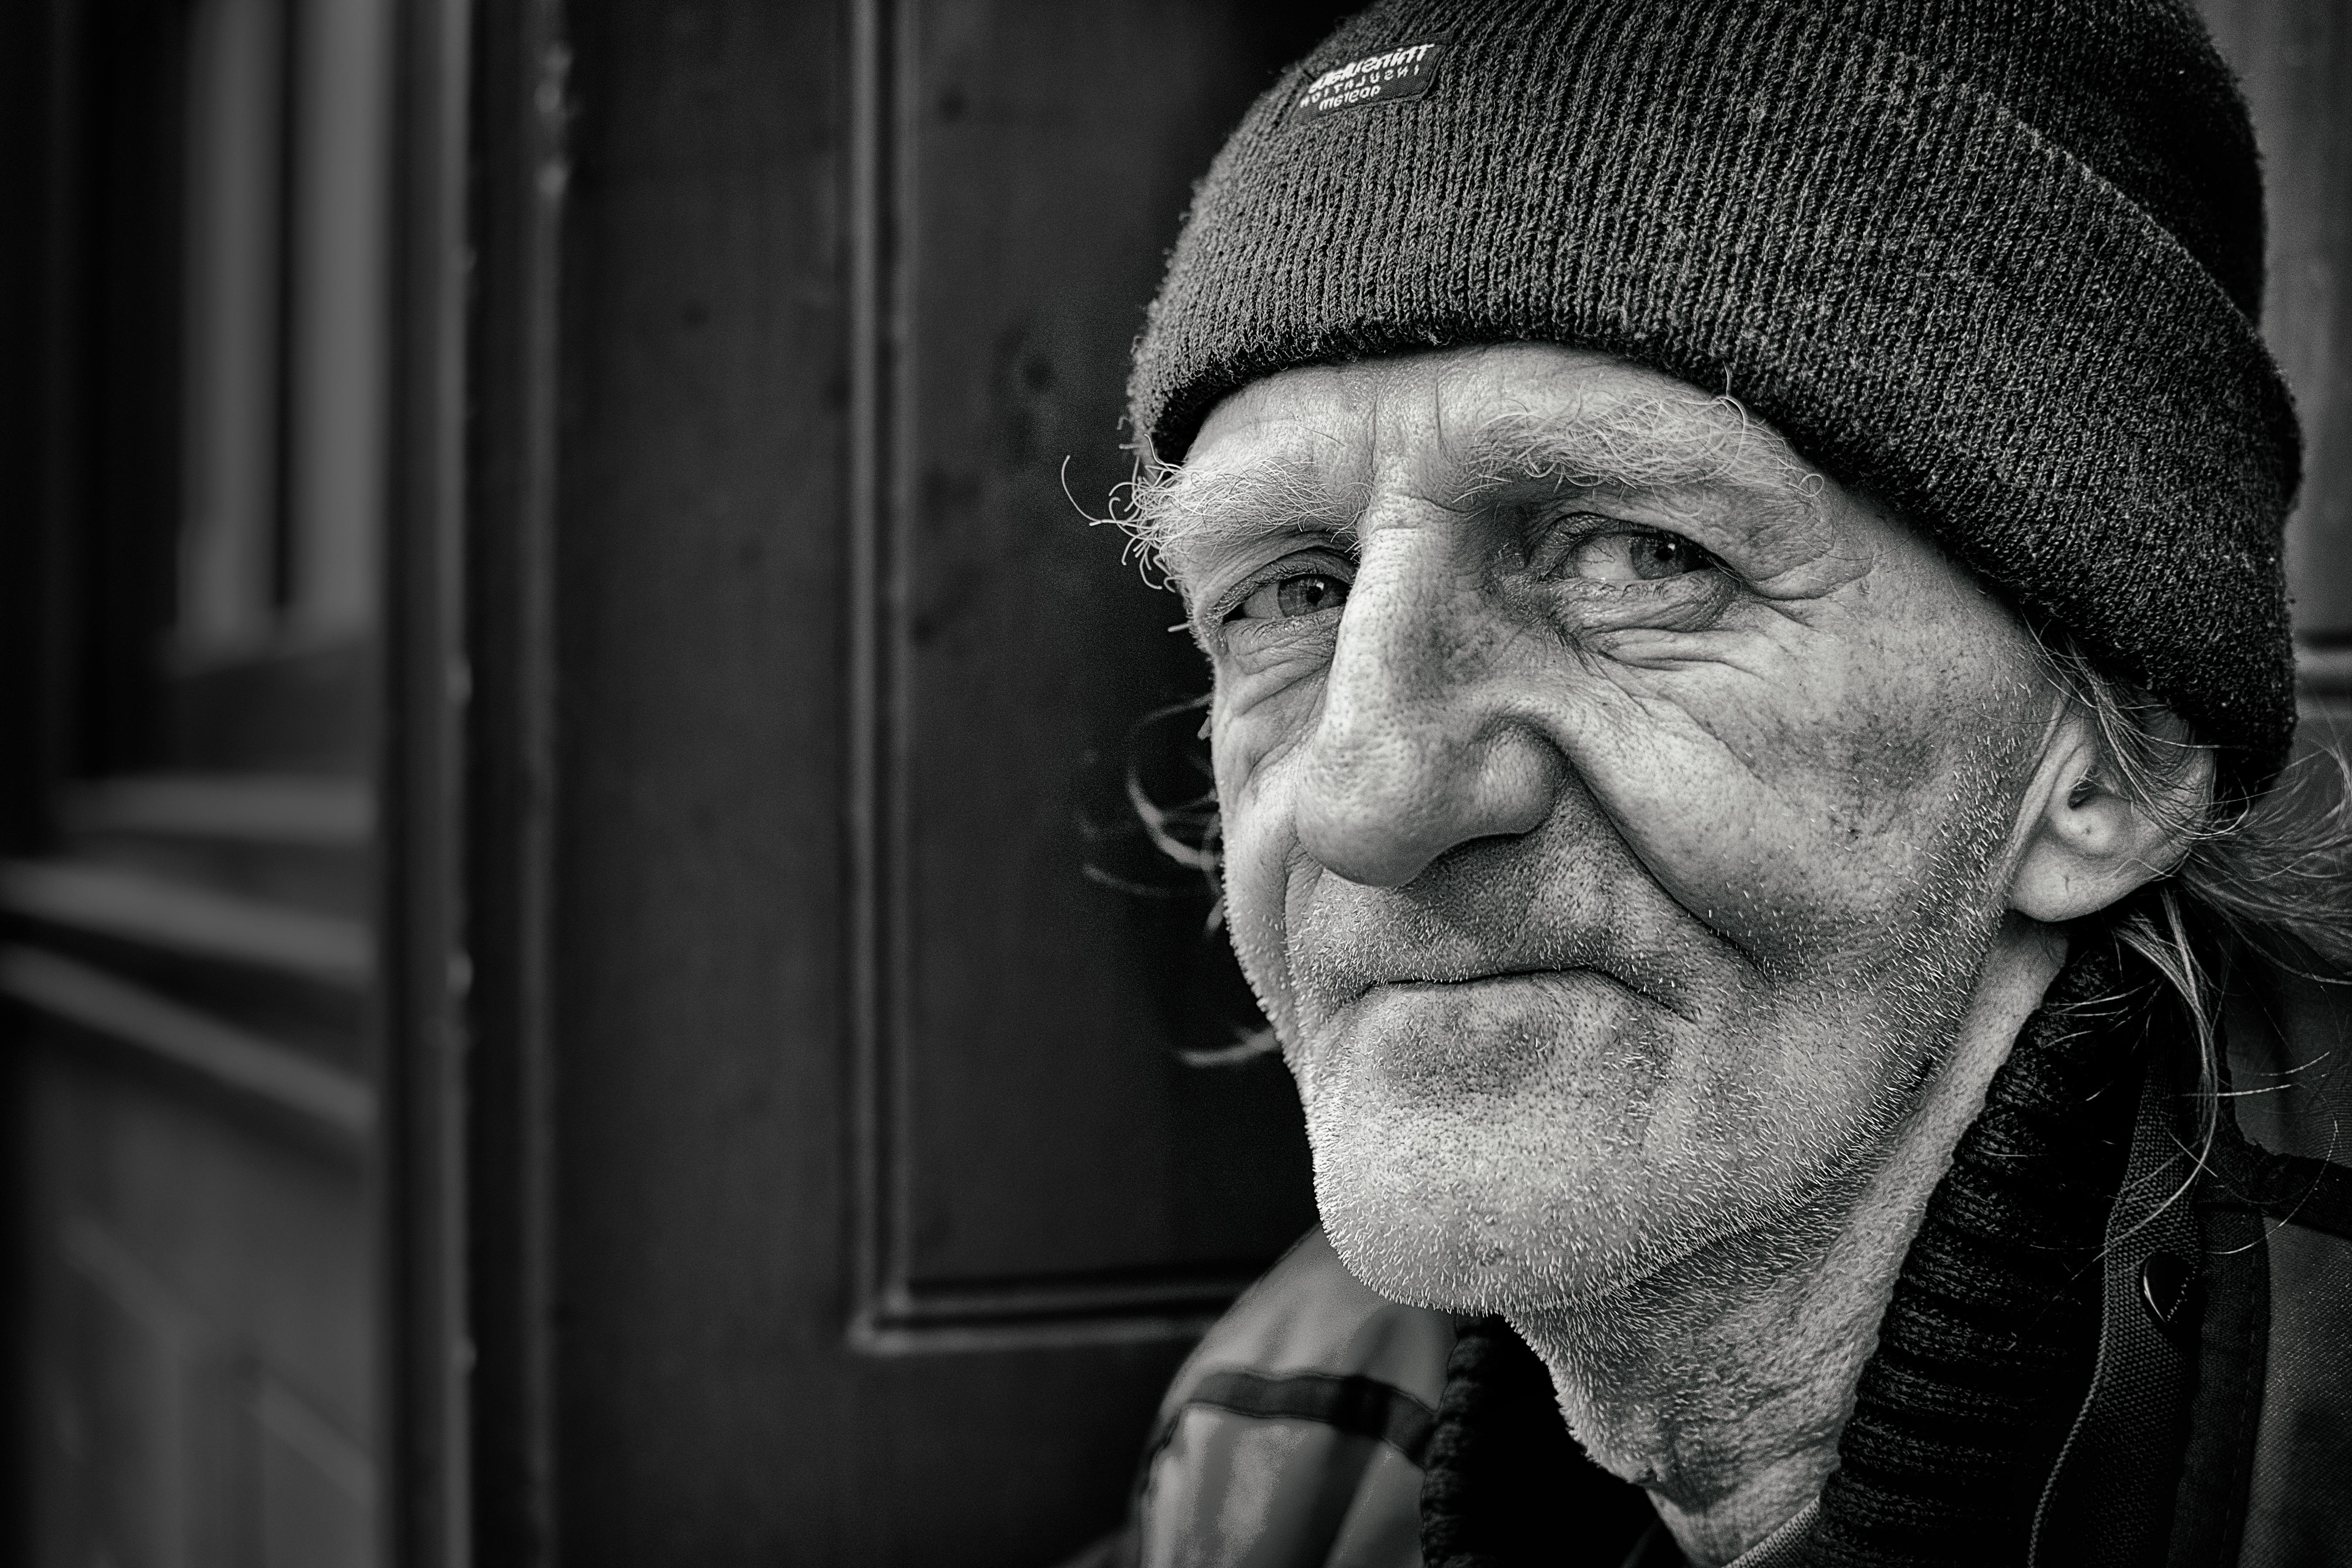 Gentleman Sitting in Doorway